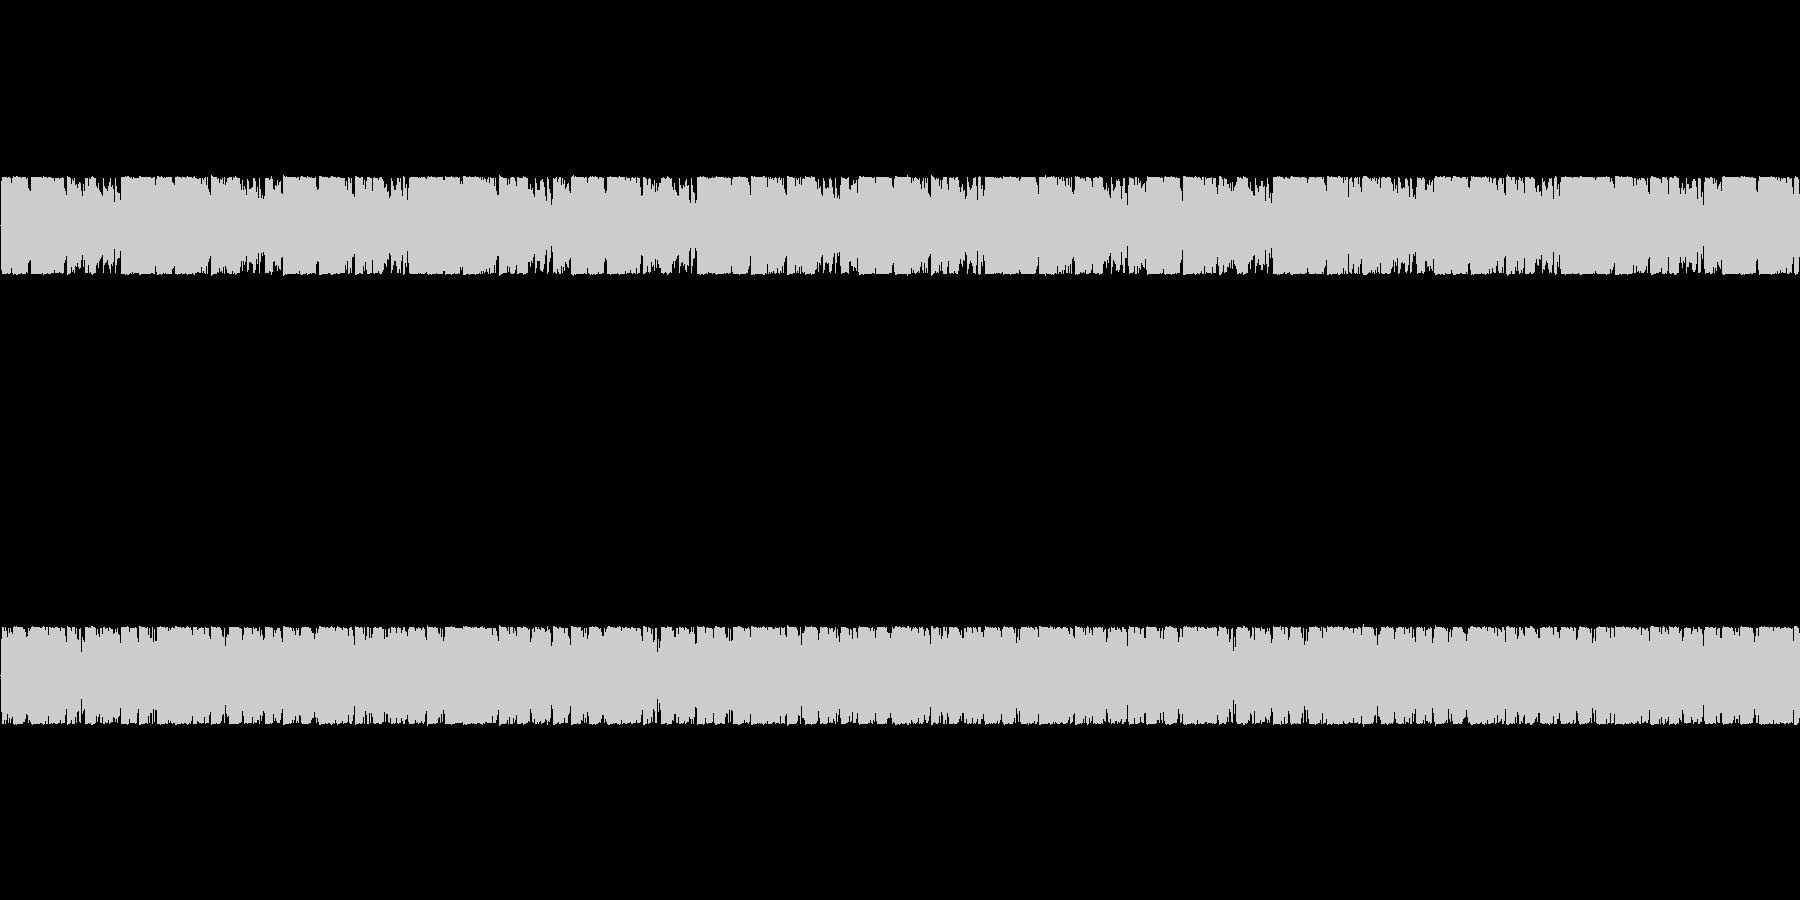 「ループ音源シリーズ」豊穣な大自然の世…の未再生の波形